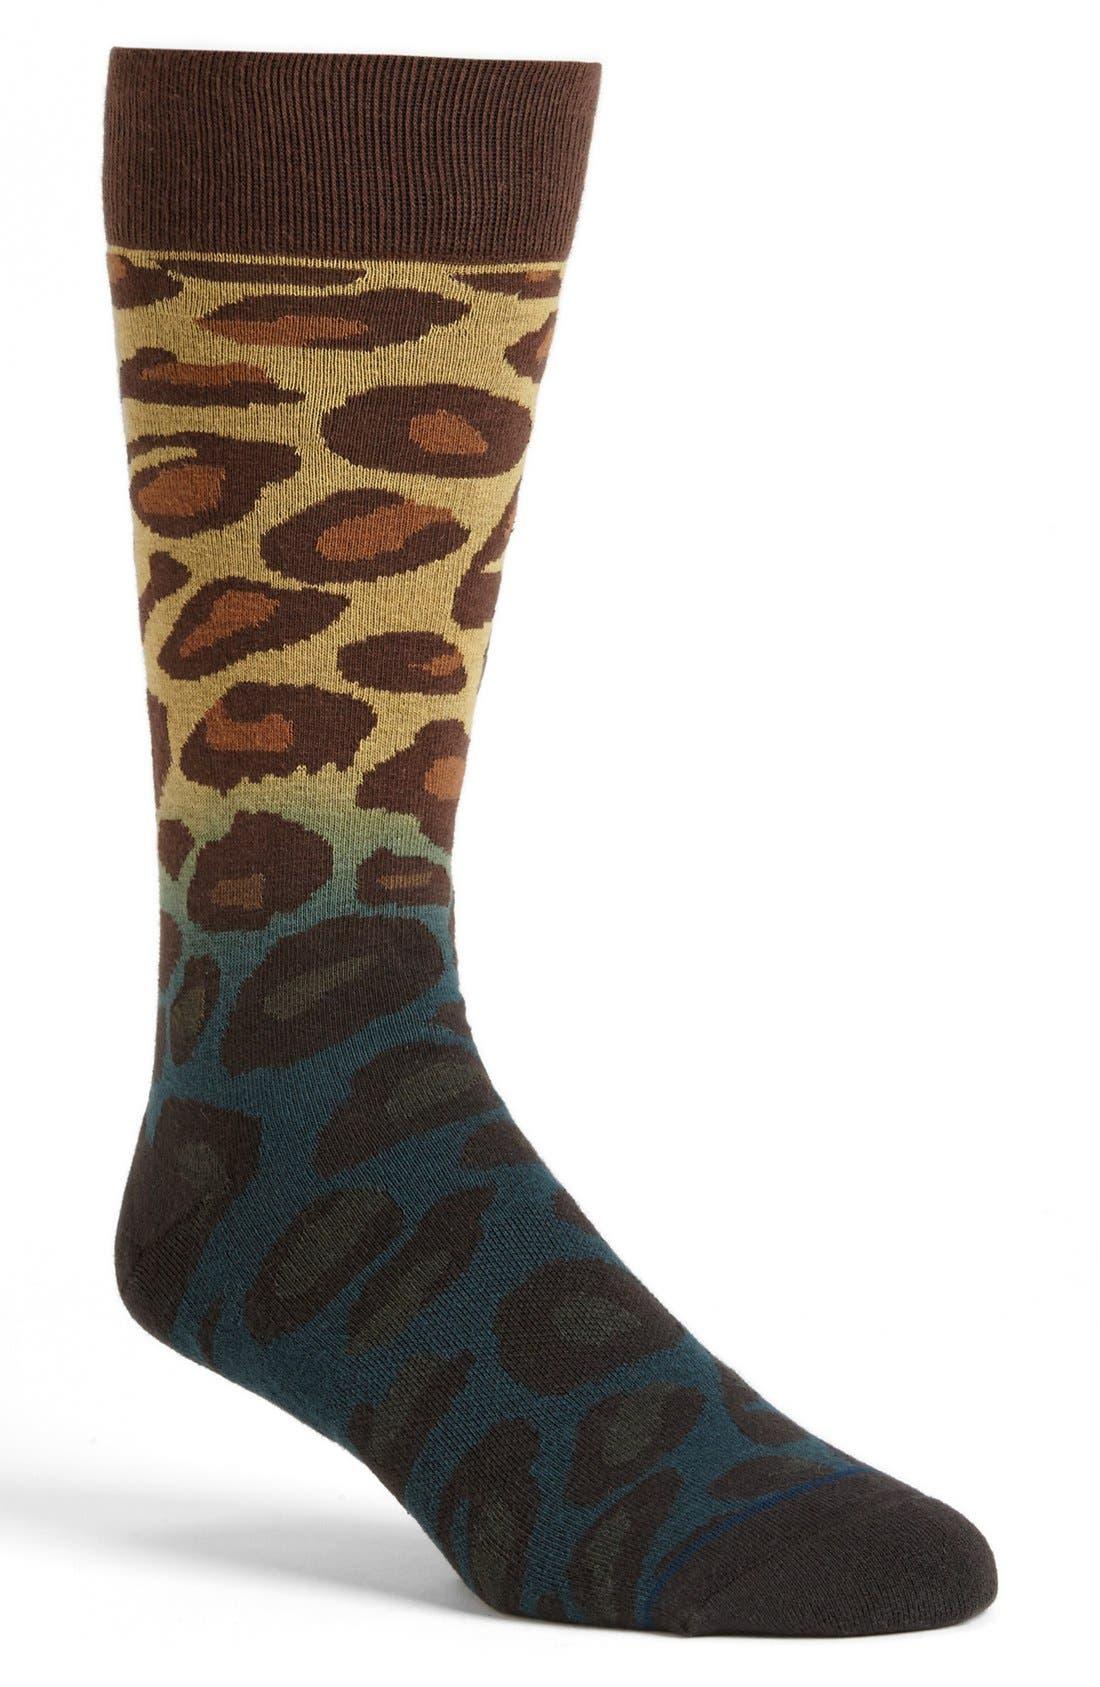 Main Image - Stance 'Sahara' Socks